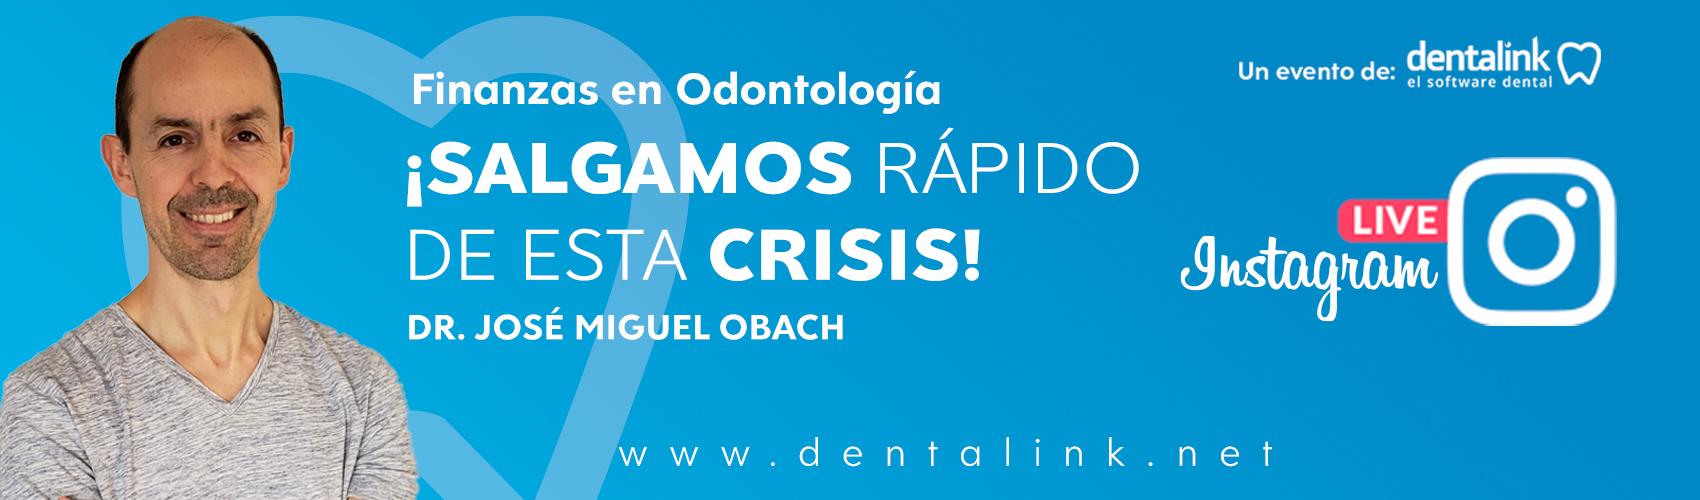 10 acciones de finanzas en Odontología